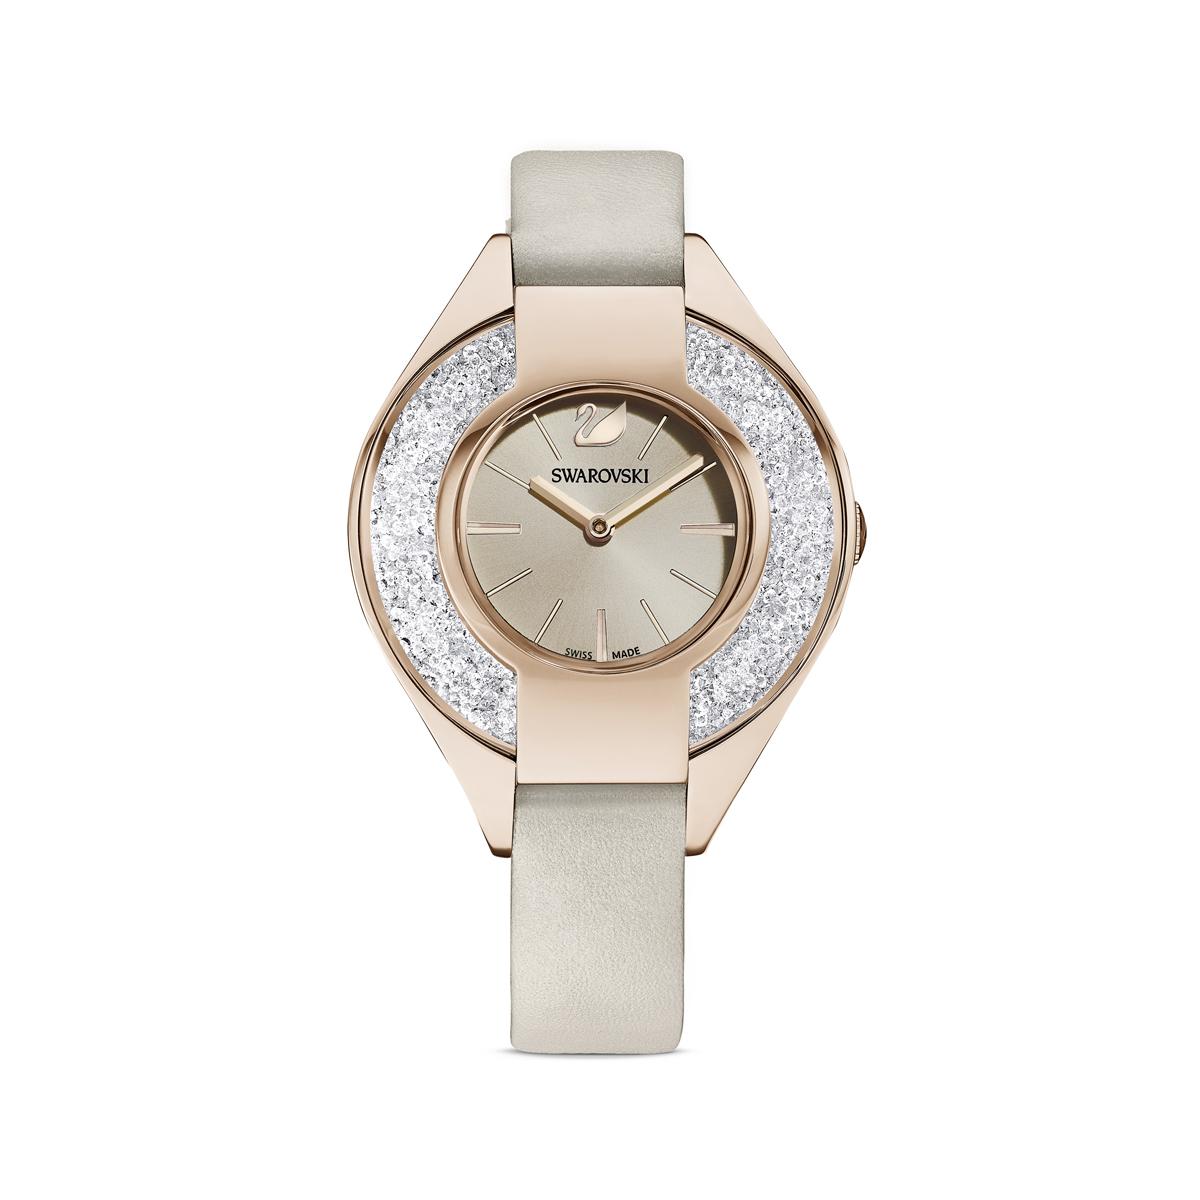 Swarovski Crystalline Sporty Watch, Leather Strap, Gray, Champagne Gold Tone